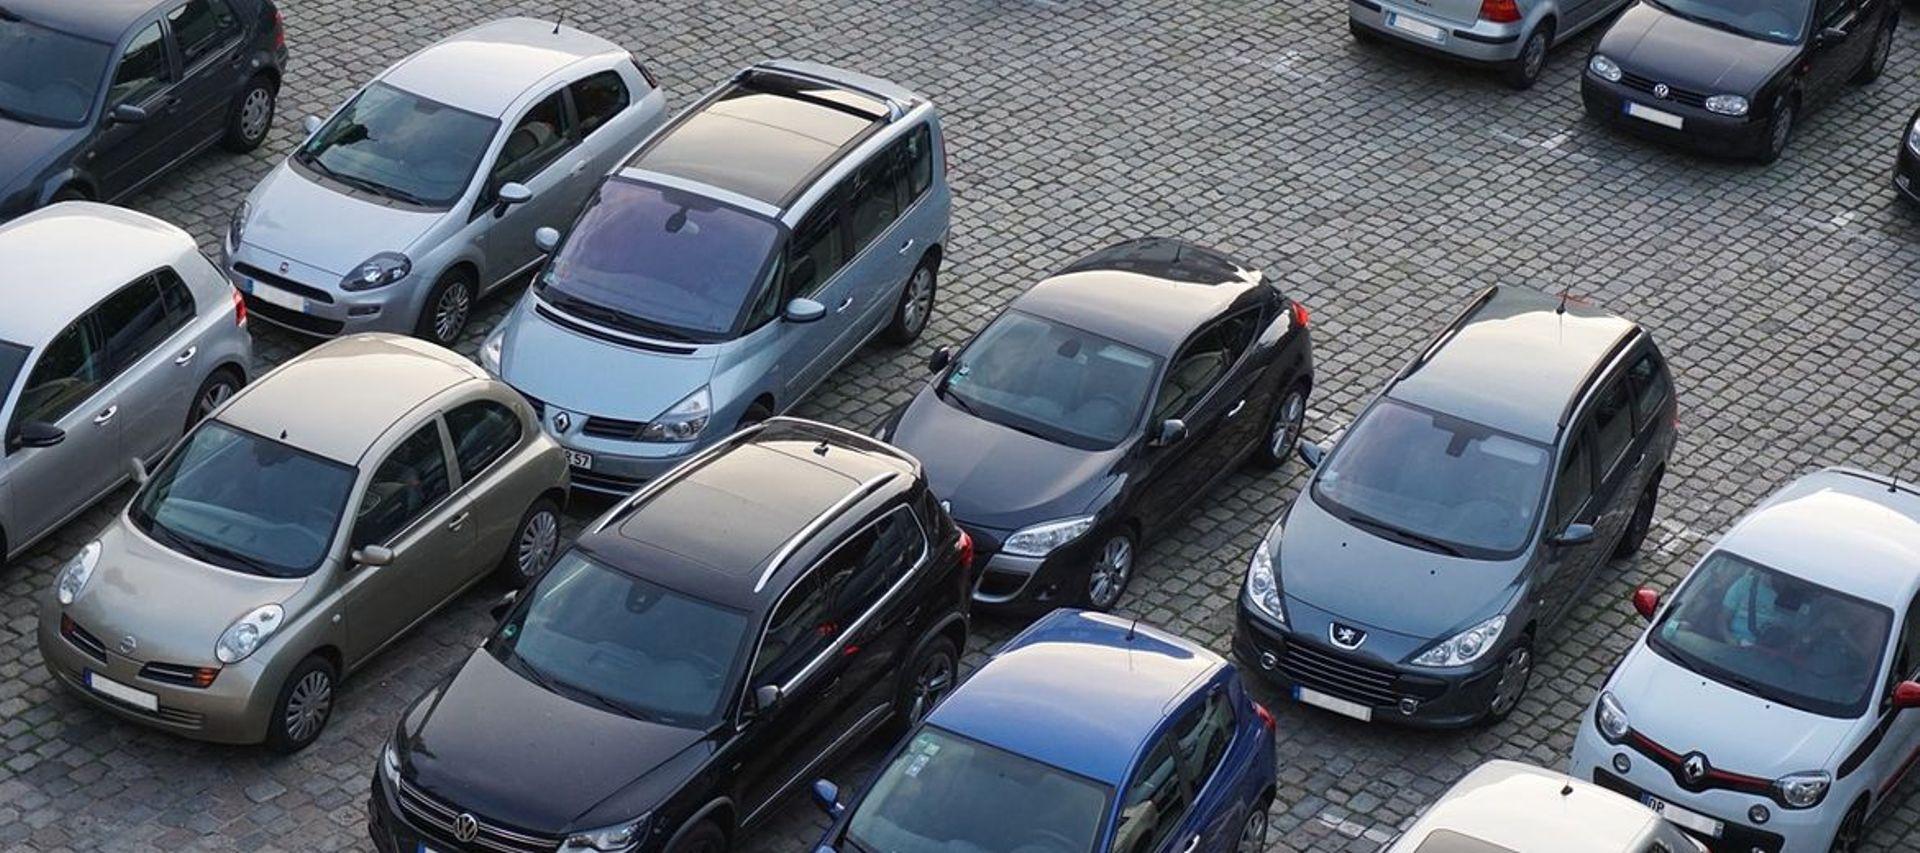 Wrocław powiększa Strefę Płatnego Parkowania o sześć kolejnych ulic